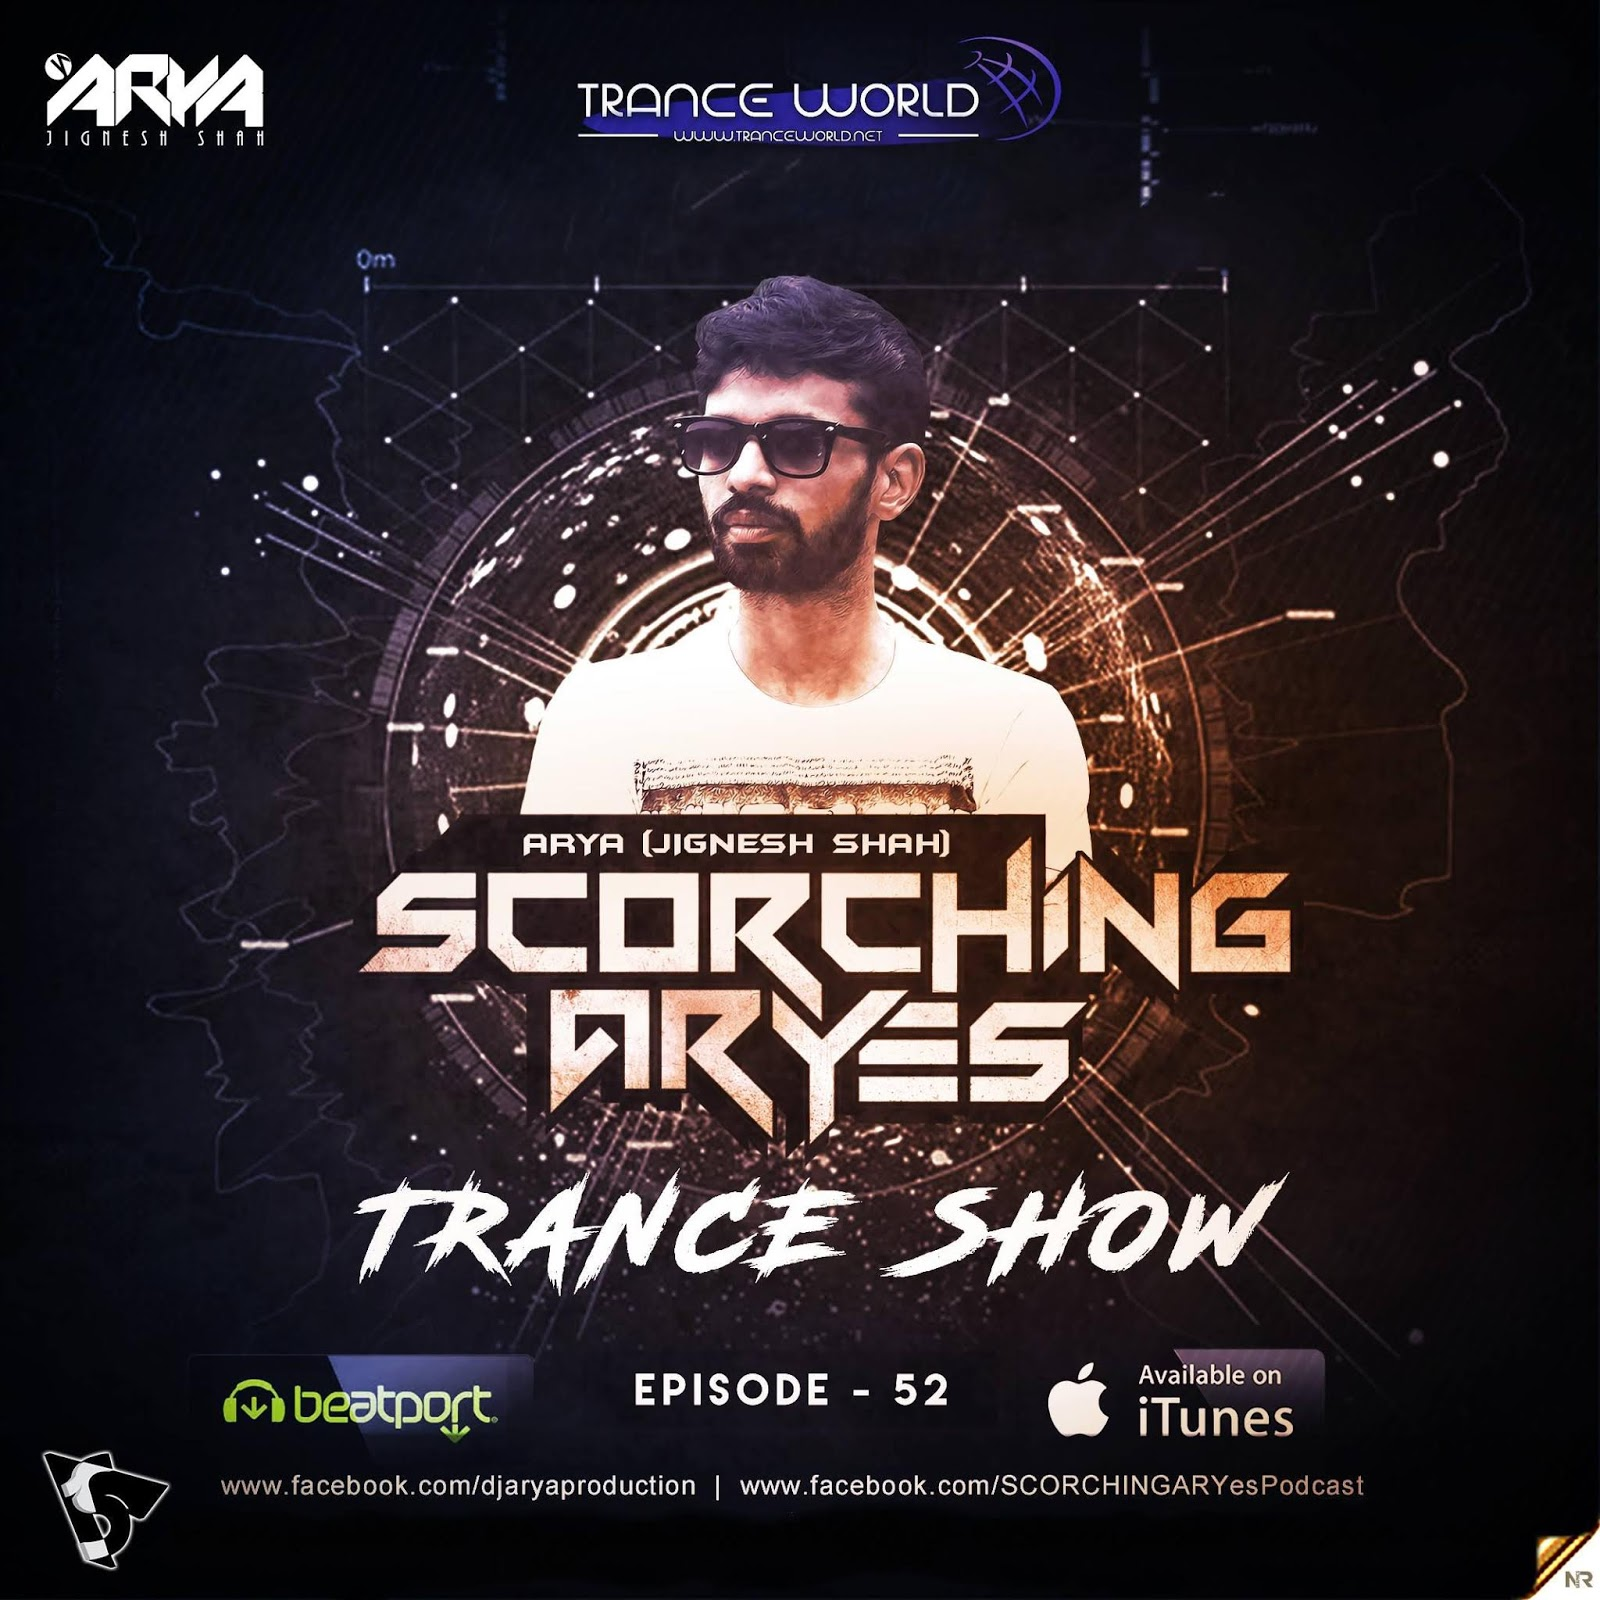 SCORCHING ARYes Episode 052 - ARYA (Jignesh Shah)